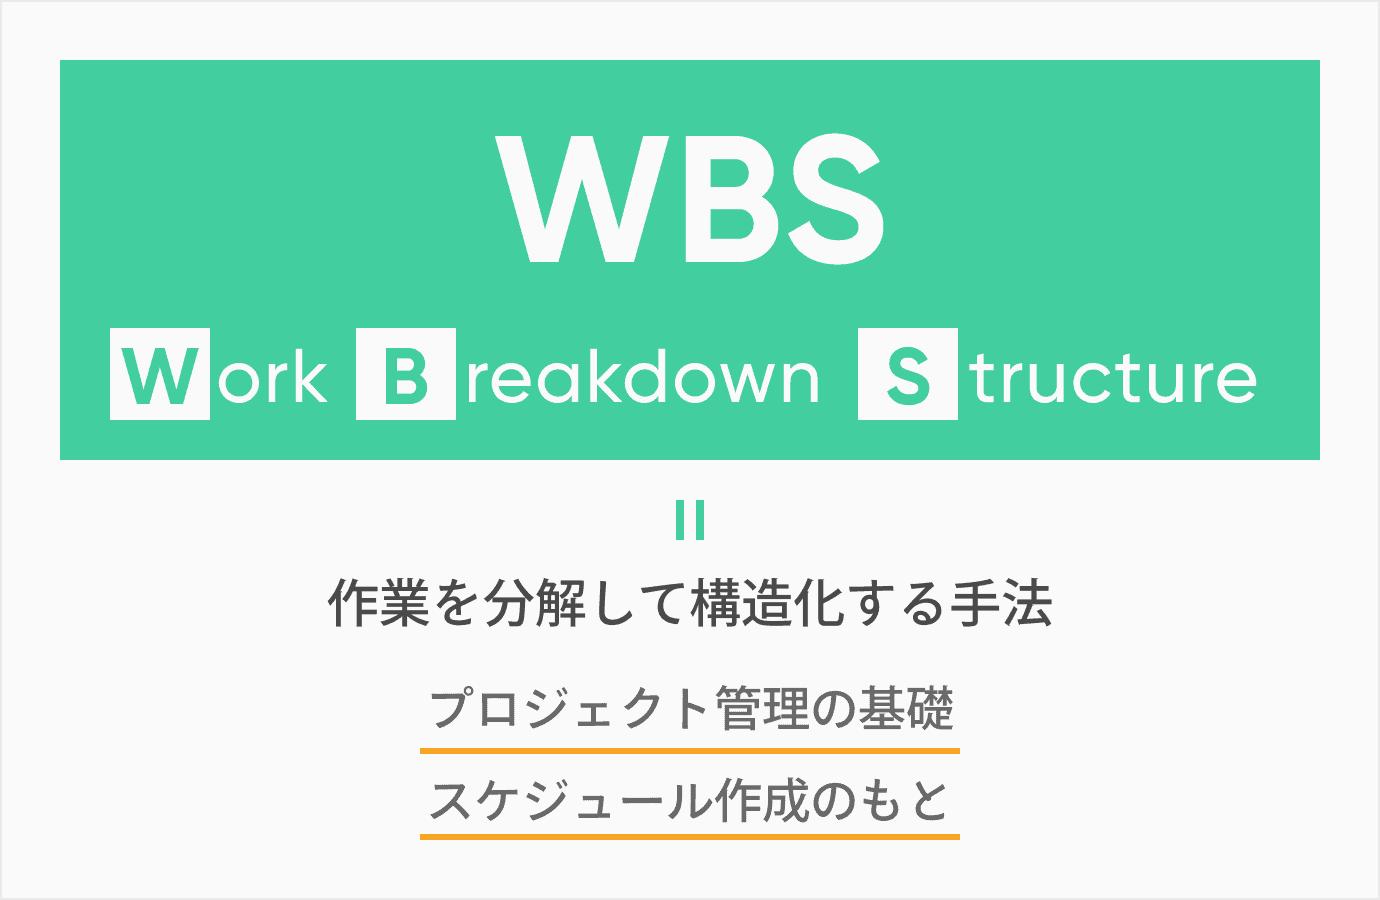 WBSとは作業を分解して構造化する手法のこと